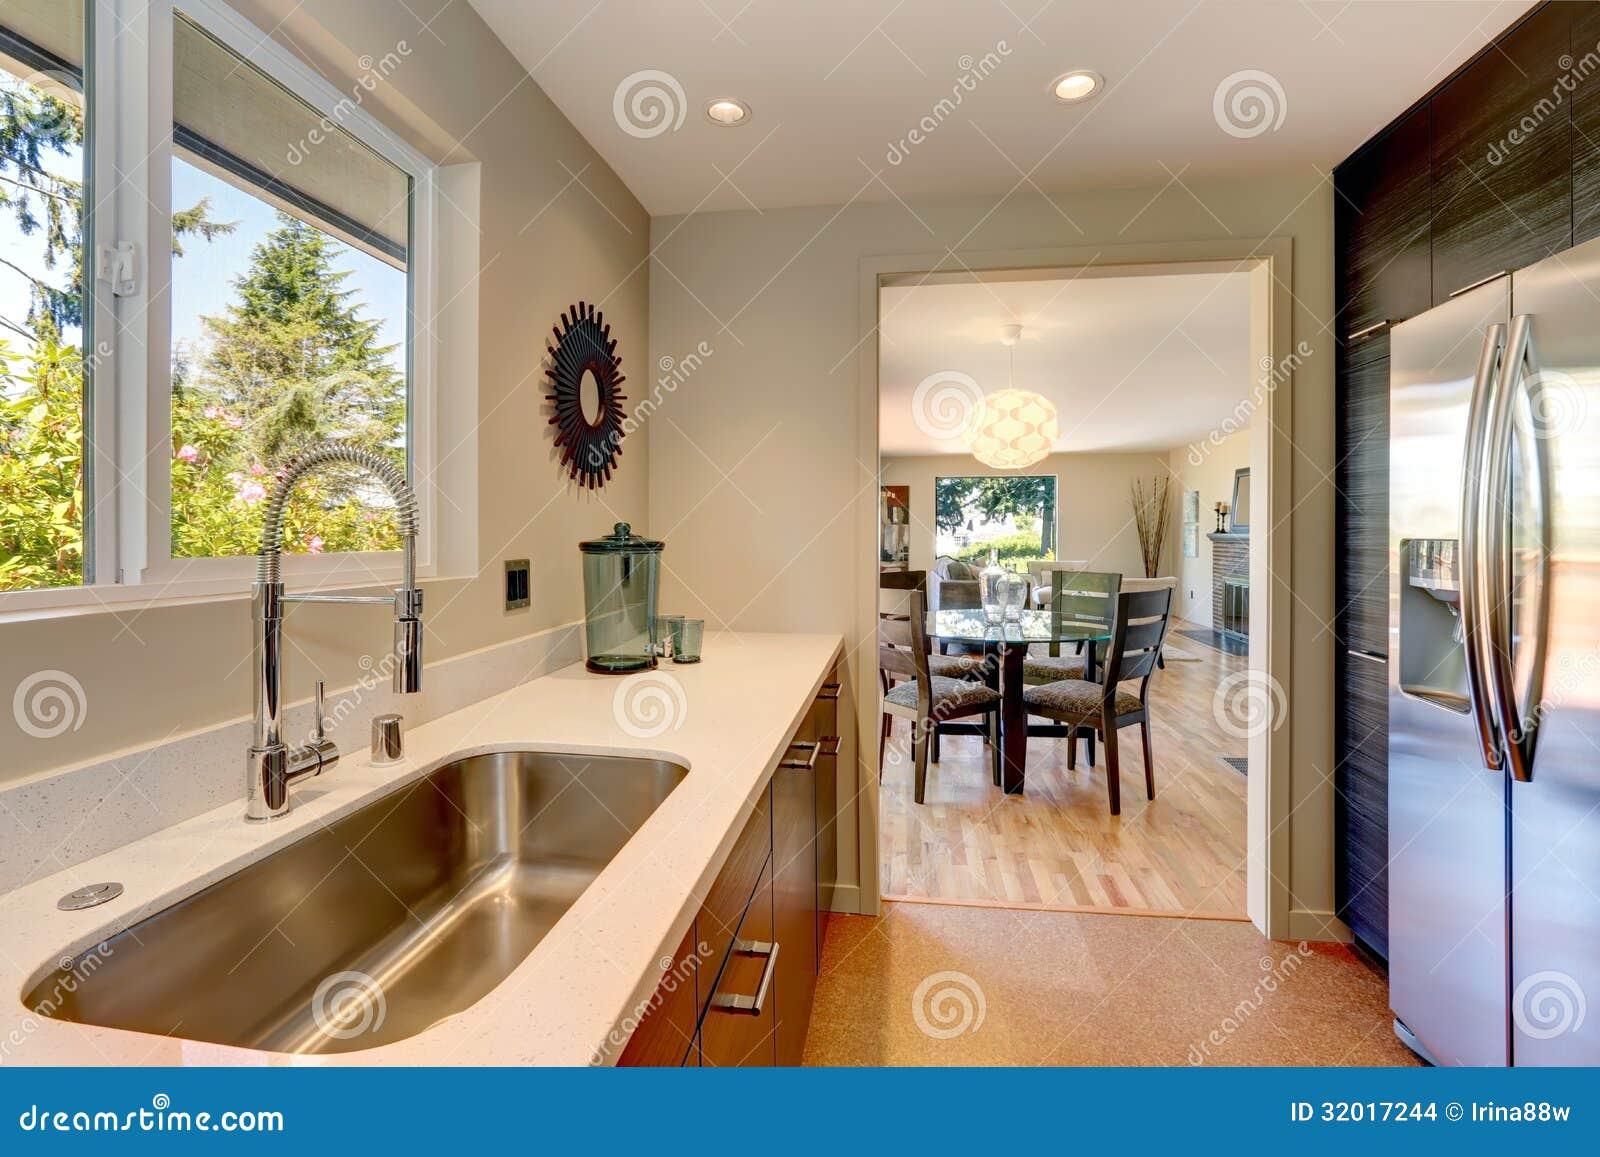 Moderne kleine nieuwe keuken met grote gootsteen en witte countertops stock afbeeldingen for Kleine keukens fotos